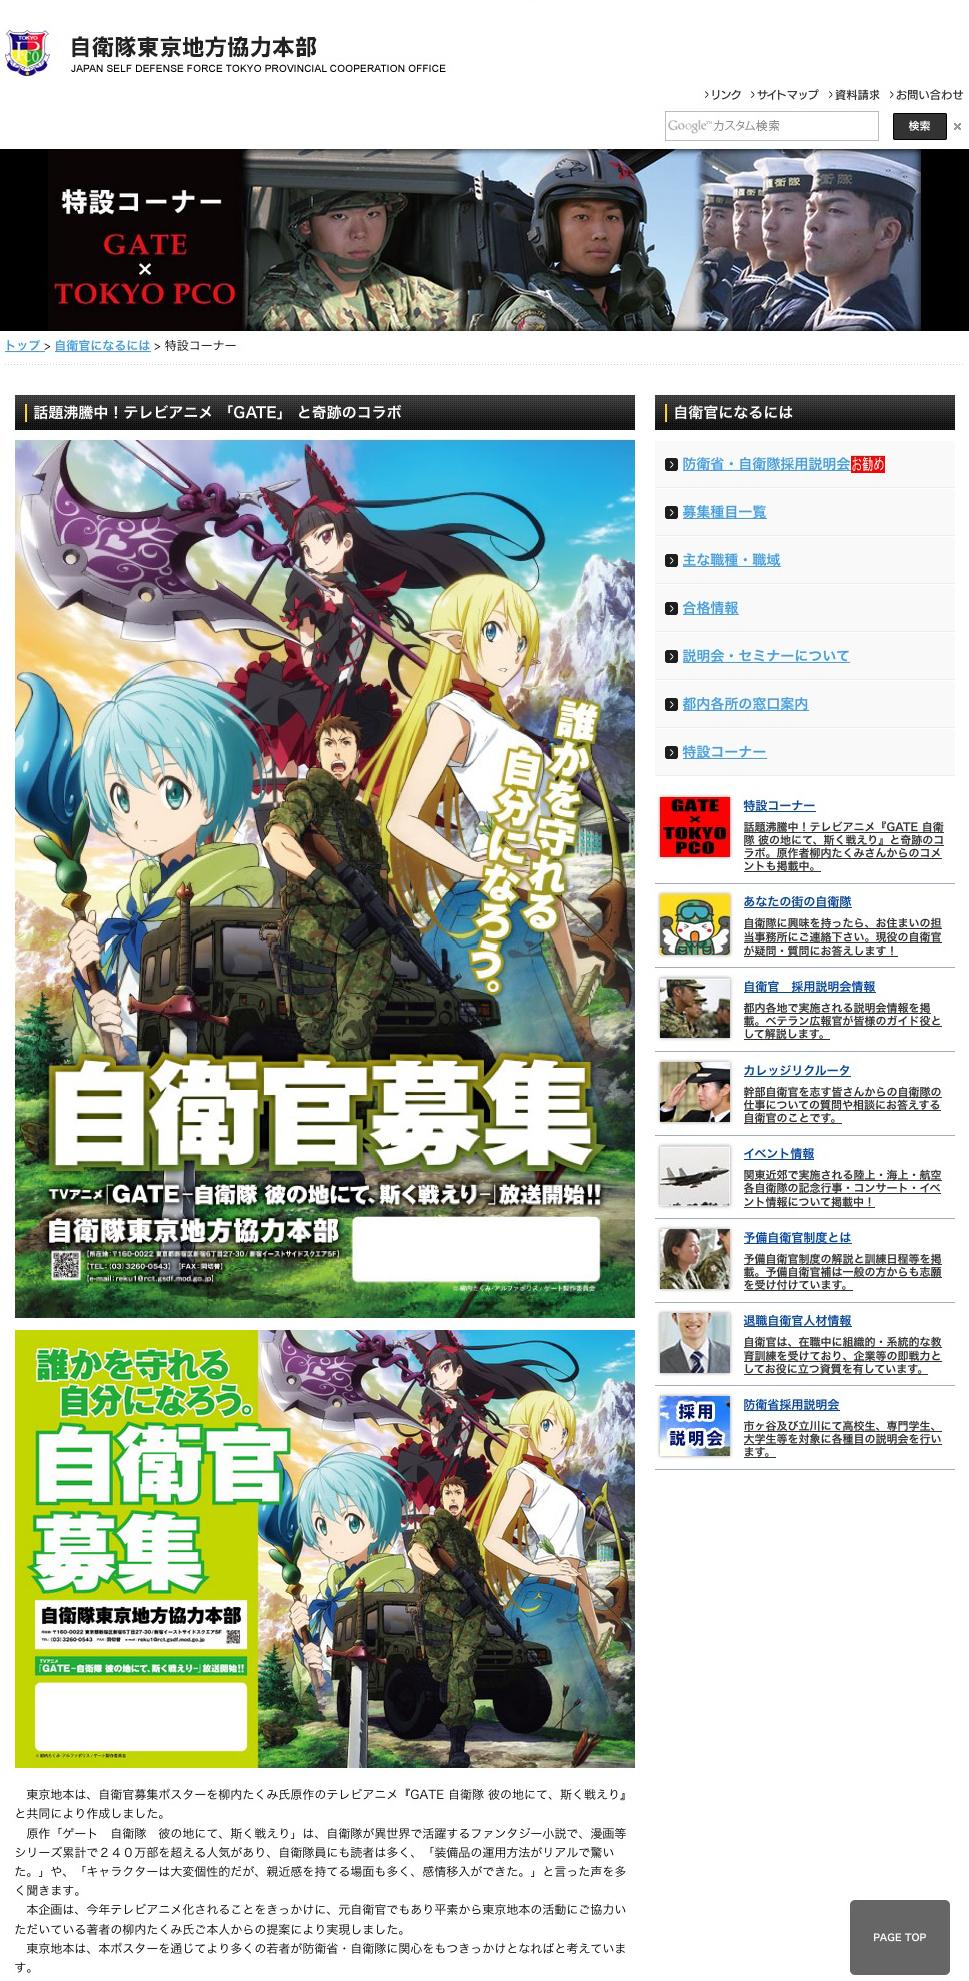 自衛官募集ポスターがテレビアニメ 「GATE」 とコラボ